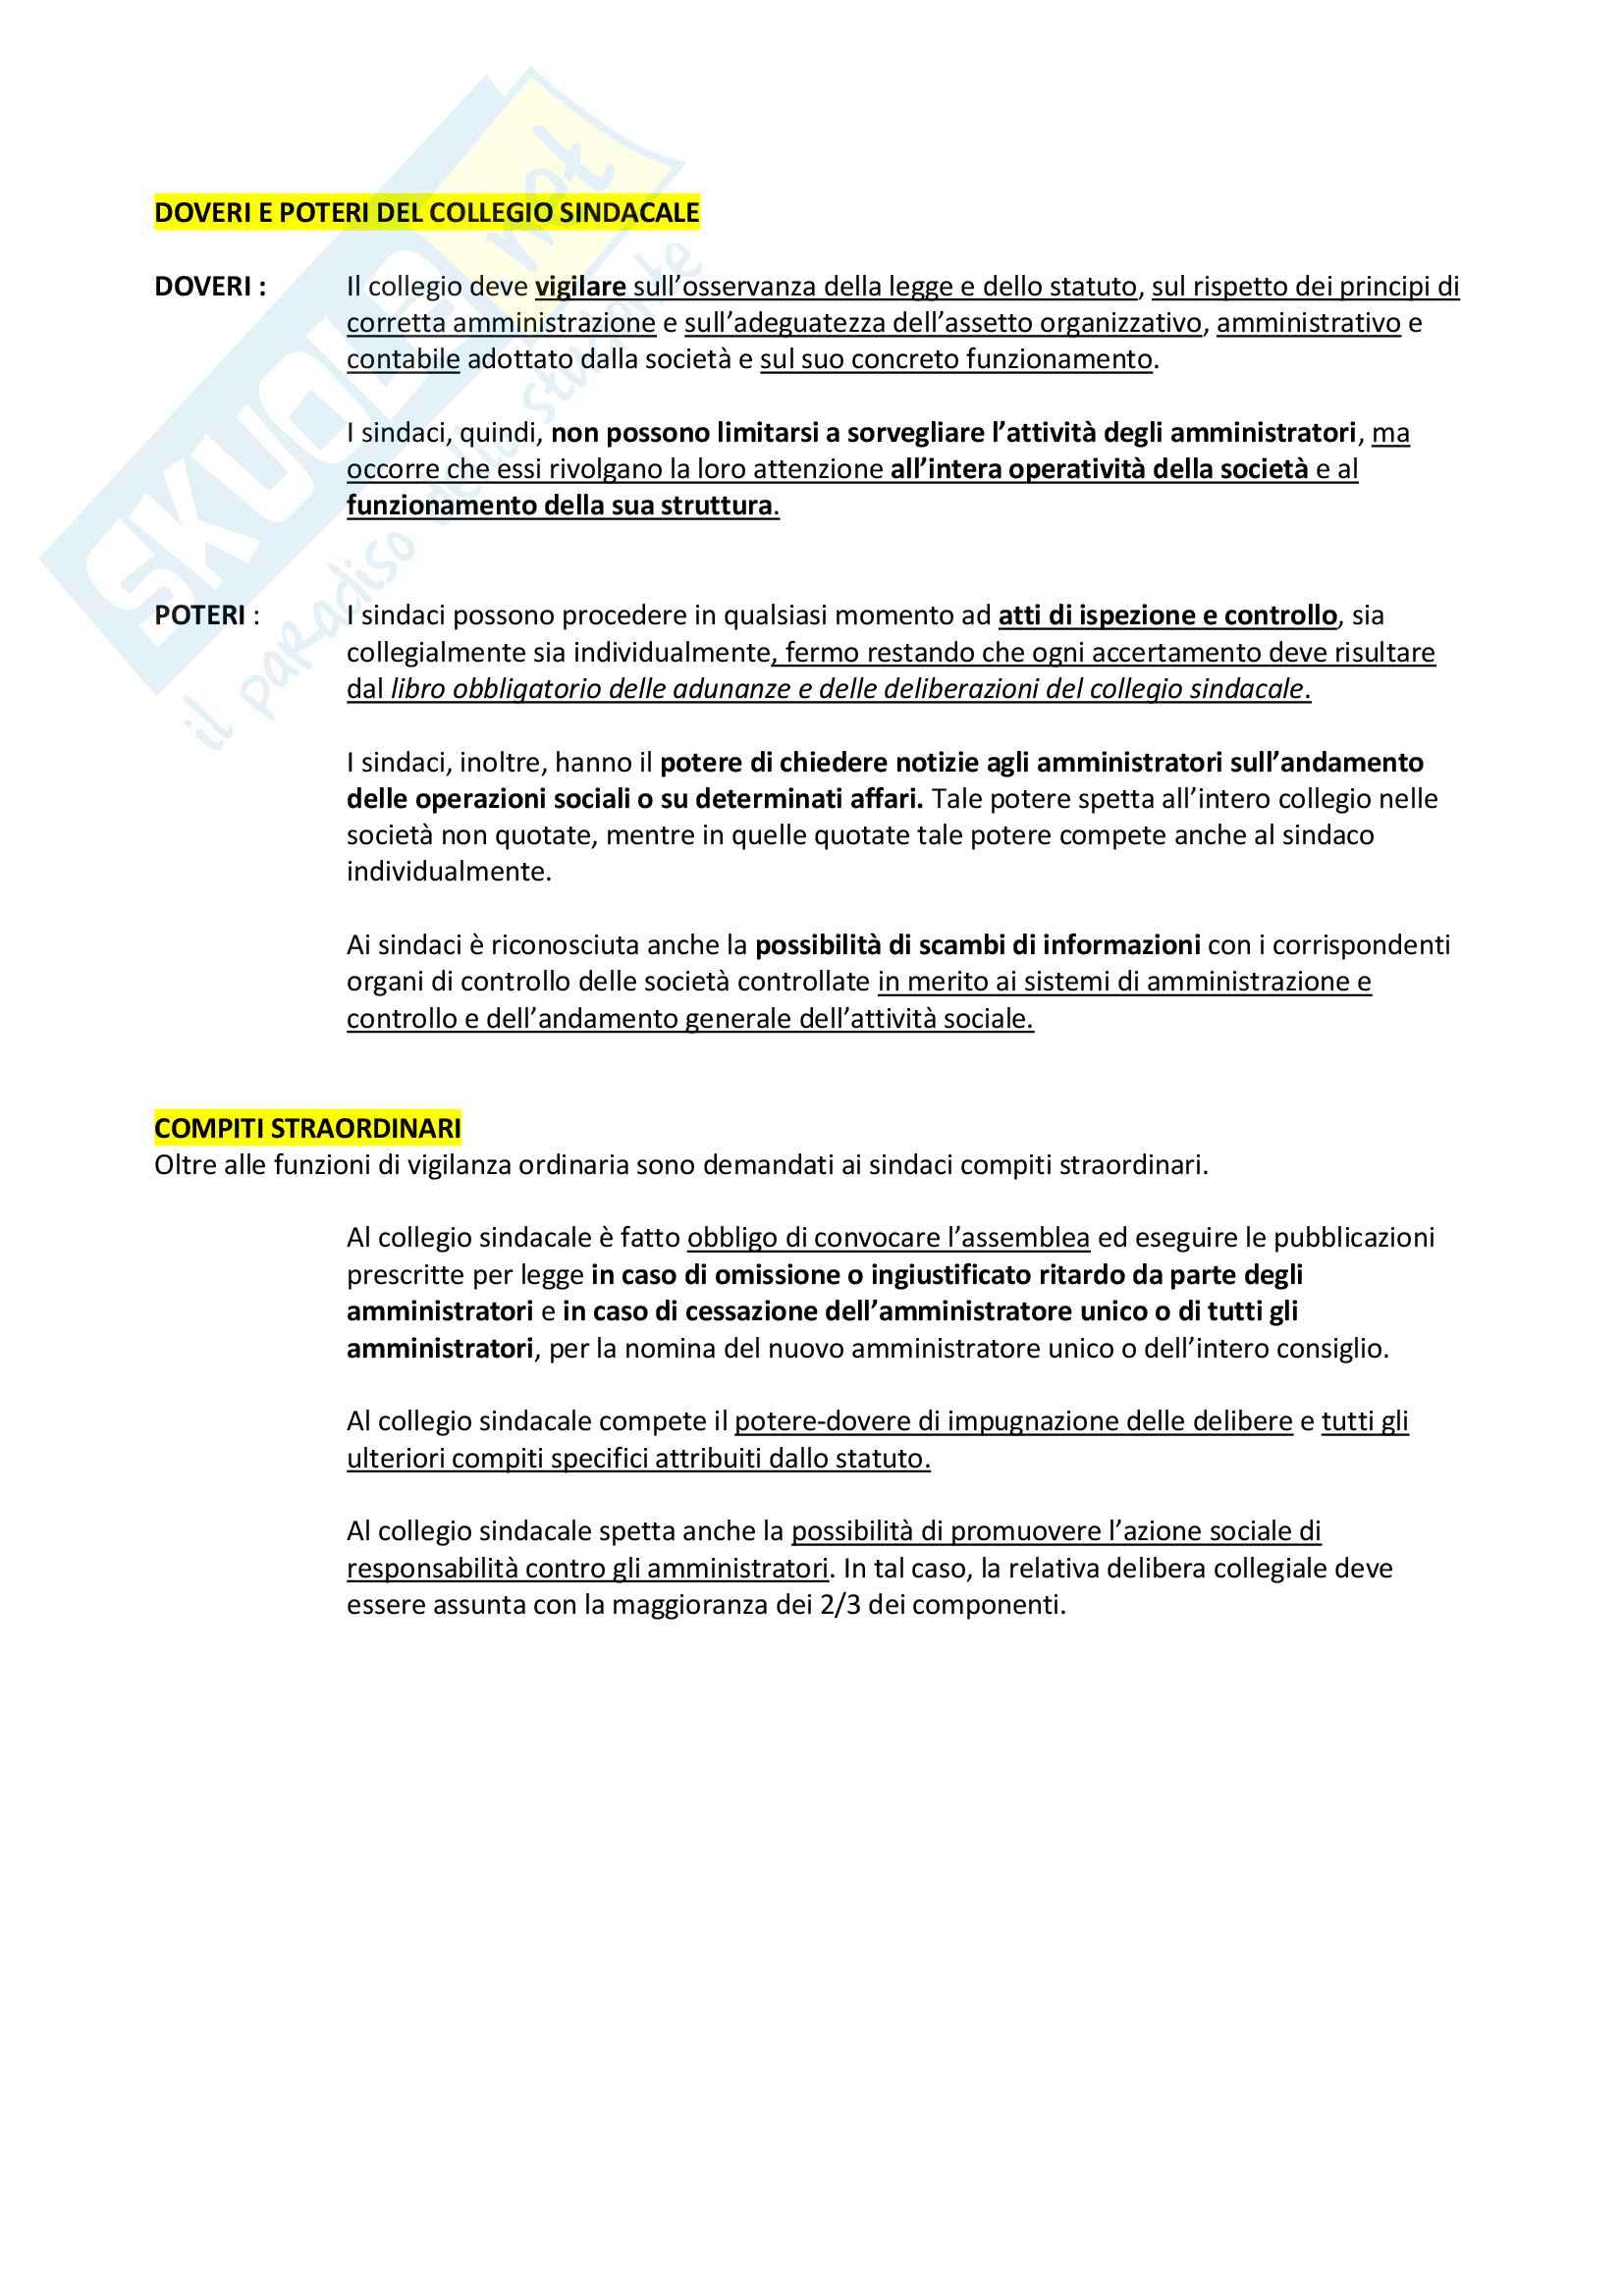 Riassunto + appunti di diritto delle società Pag. 46